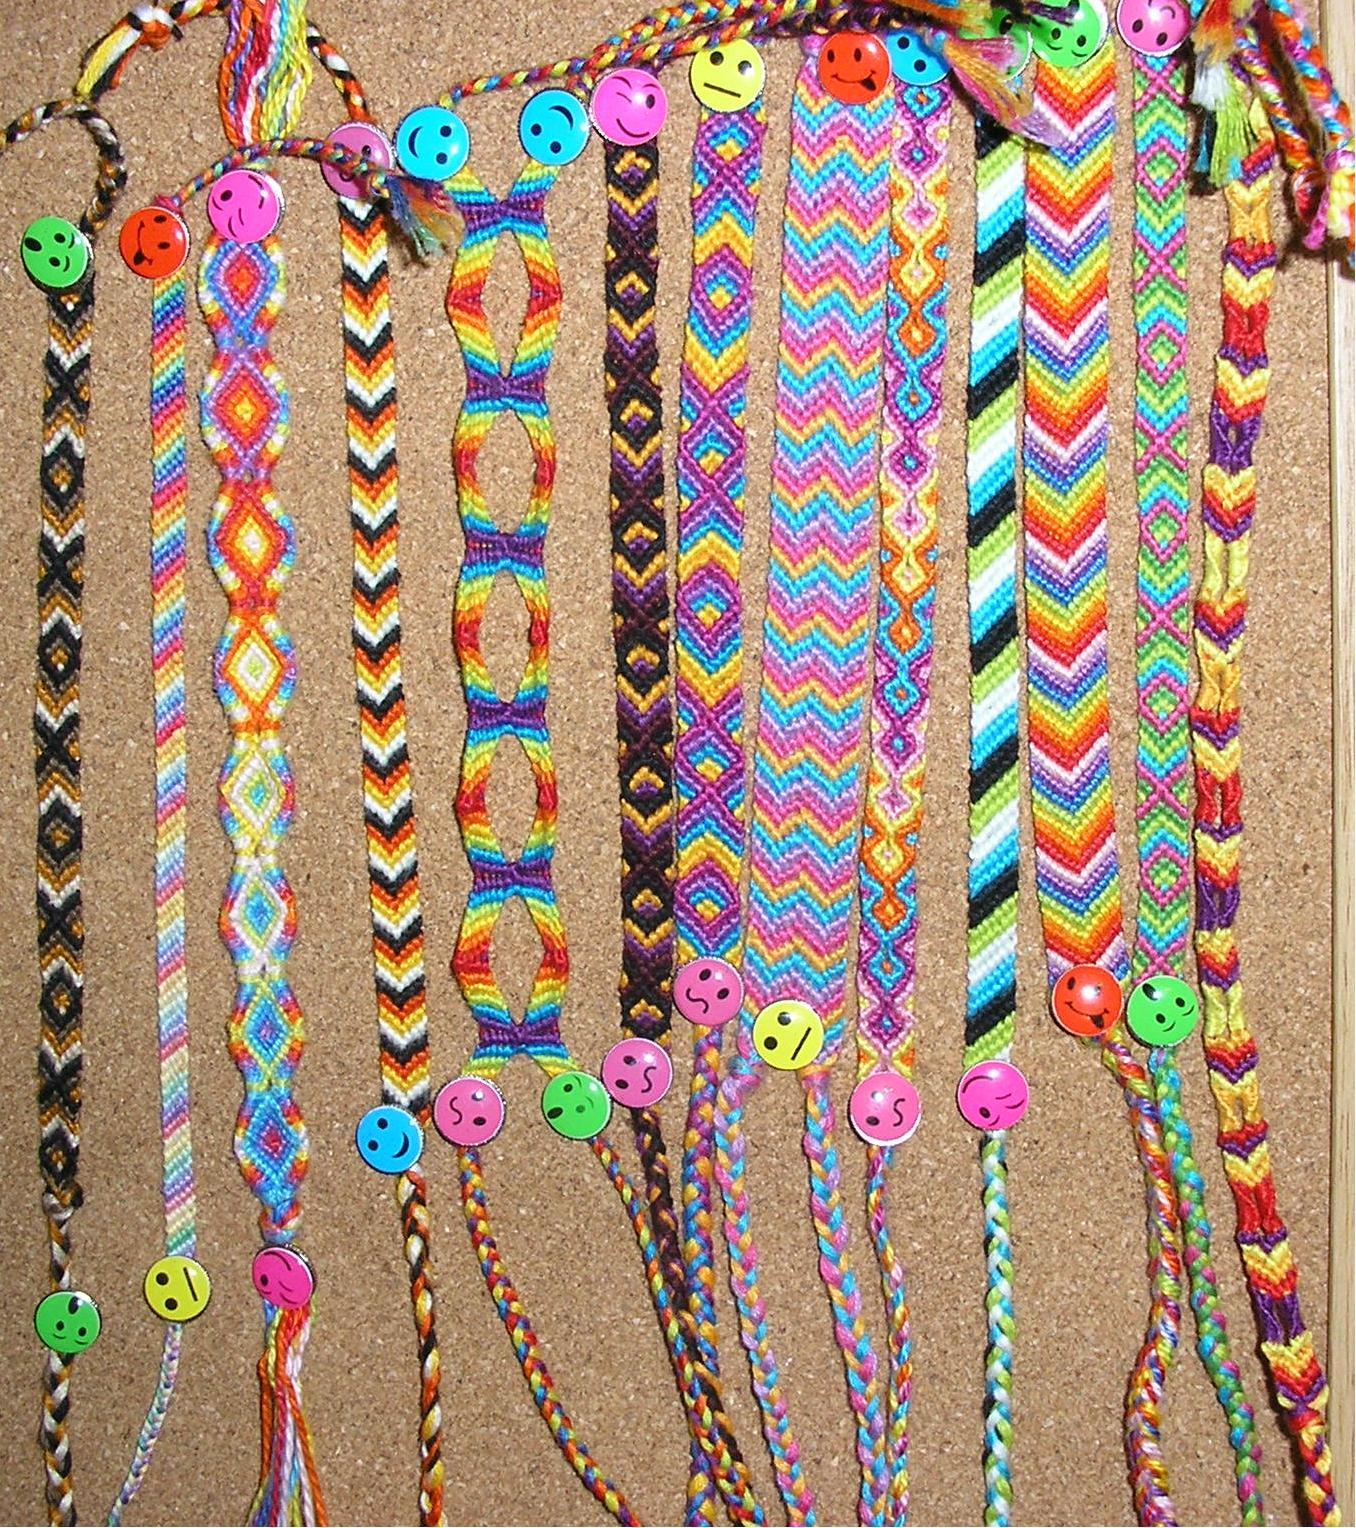 ac5ddf0009266 Macrame Friendship Bracelets: How to Make Friendship Bracelets